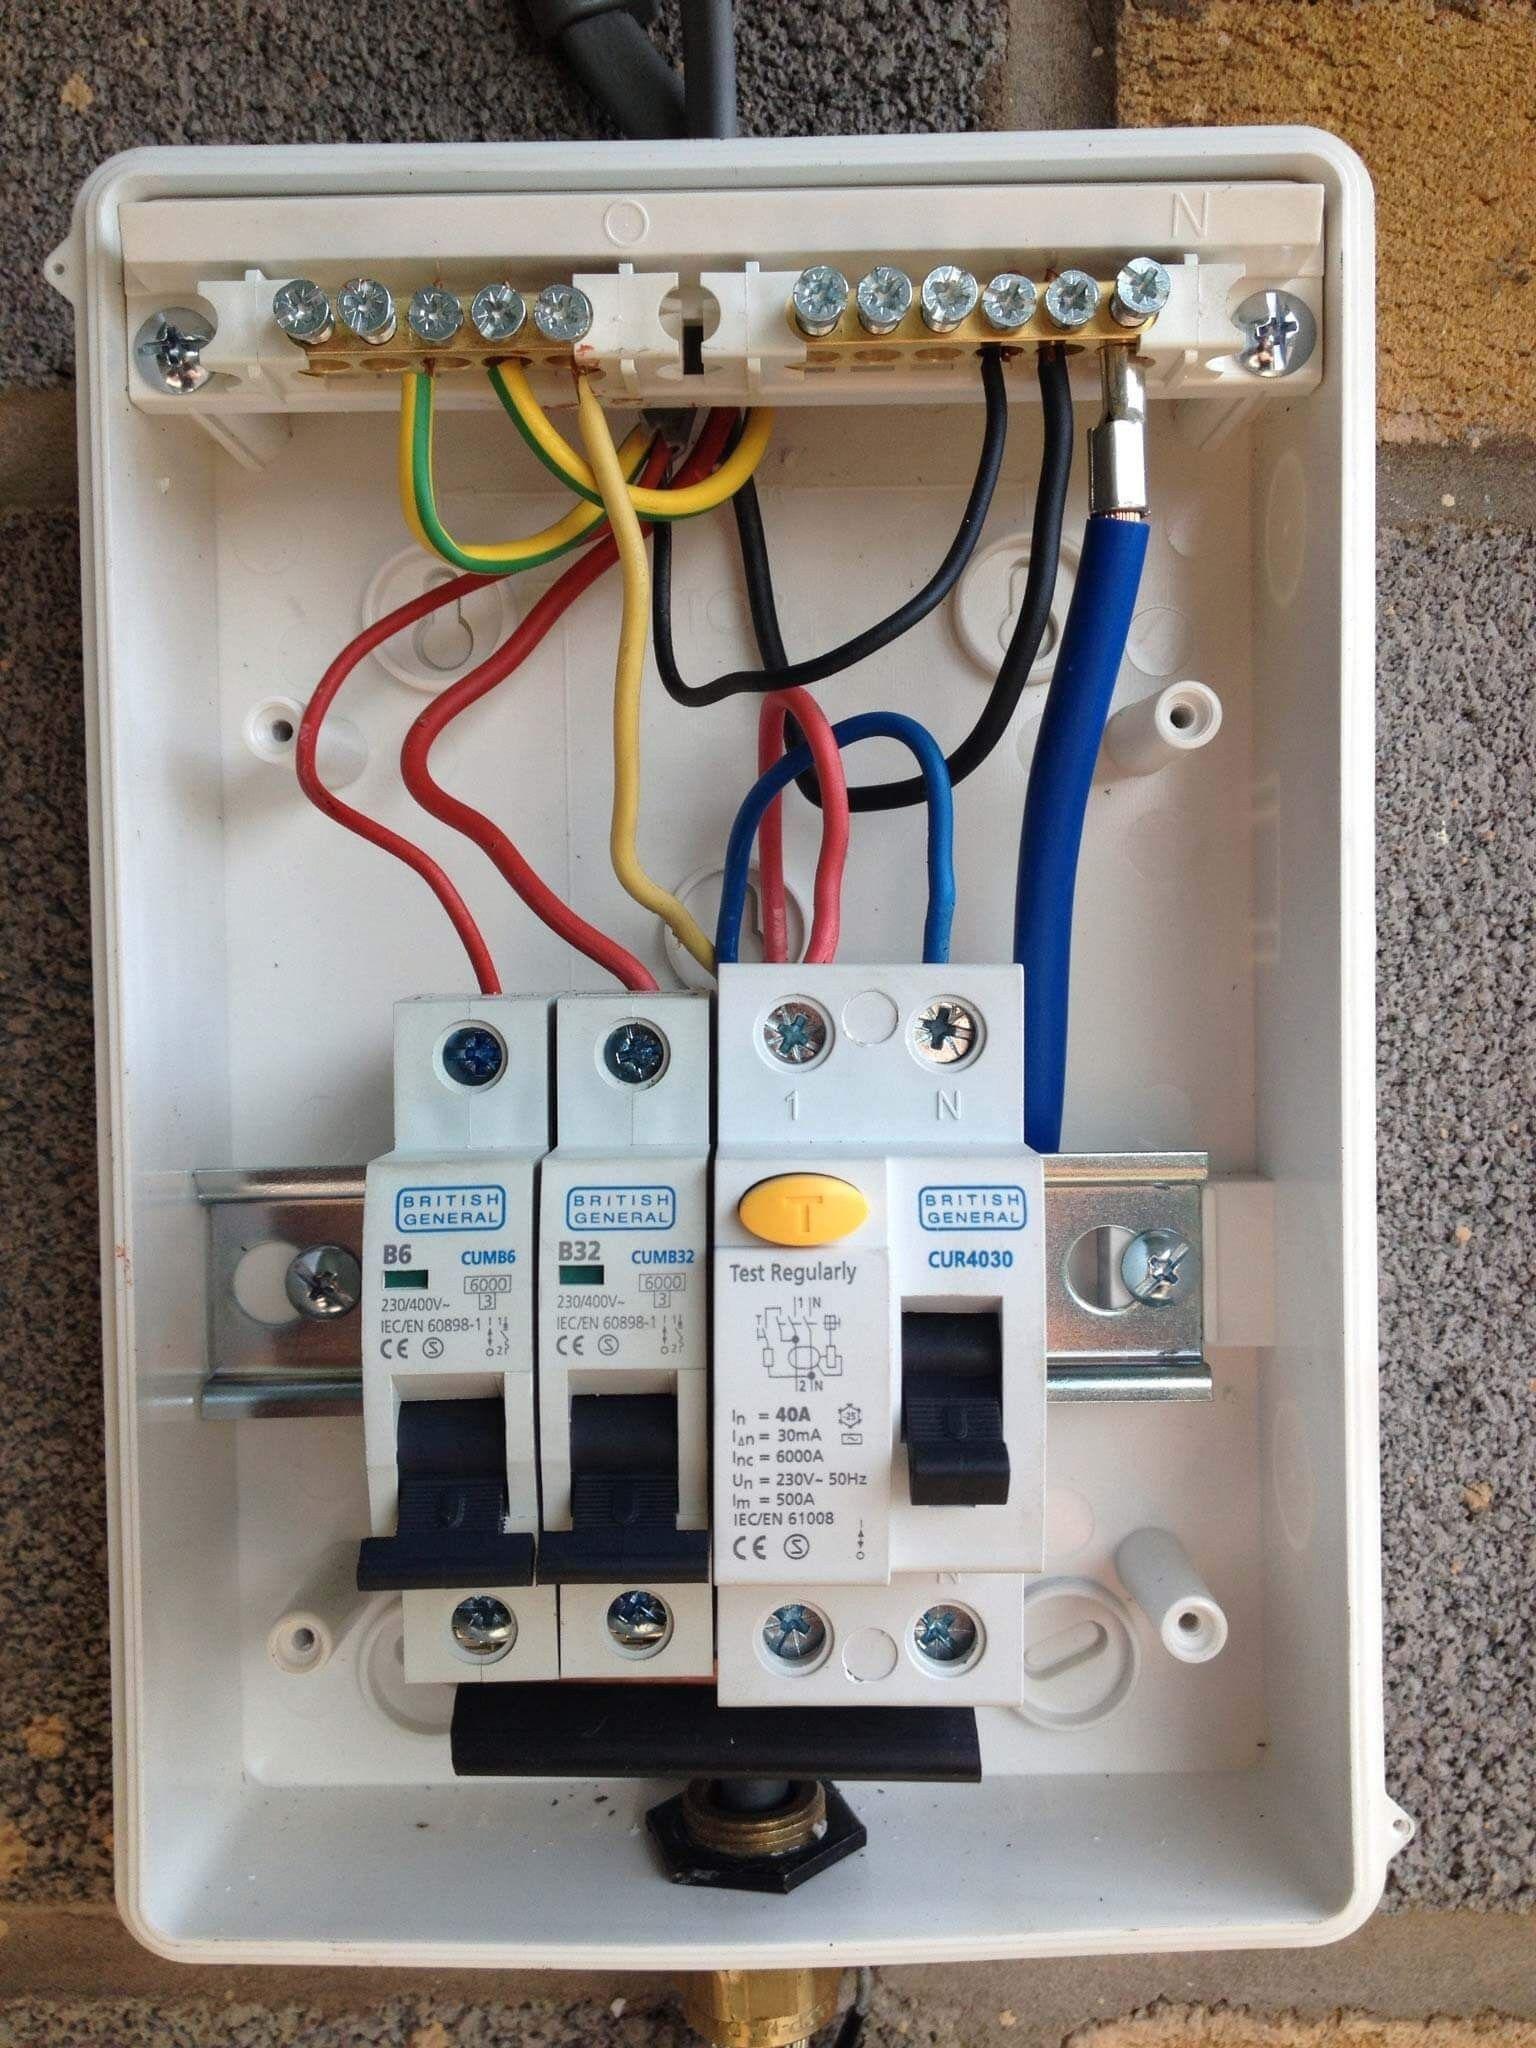 Unique Wiring Diagram For A Garage Consumer Unit Diagram Diagramtemplate Diagramsample Diy Electrical Home Electrical Wiring Electricity